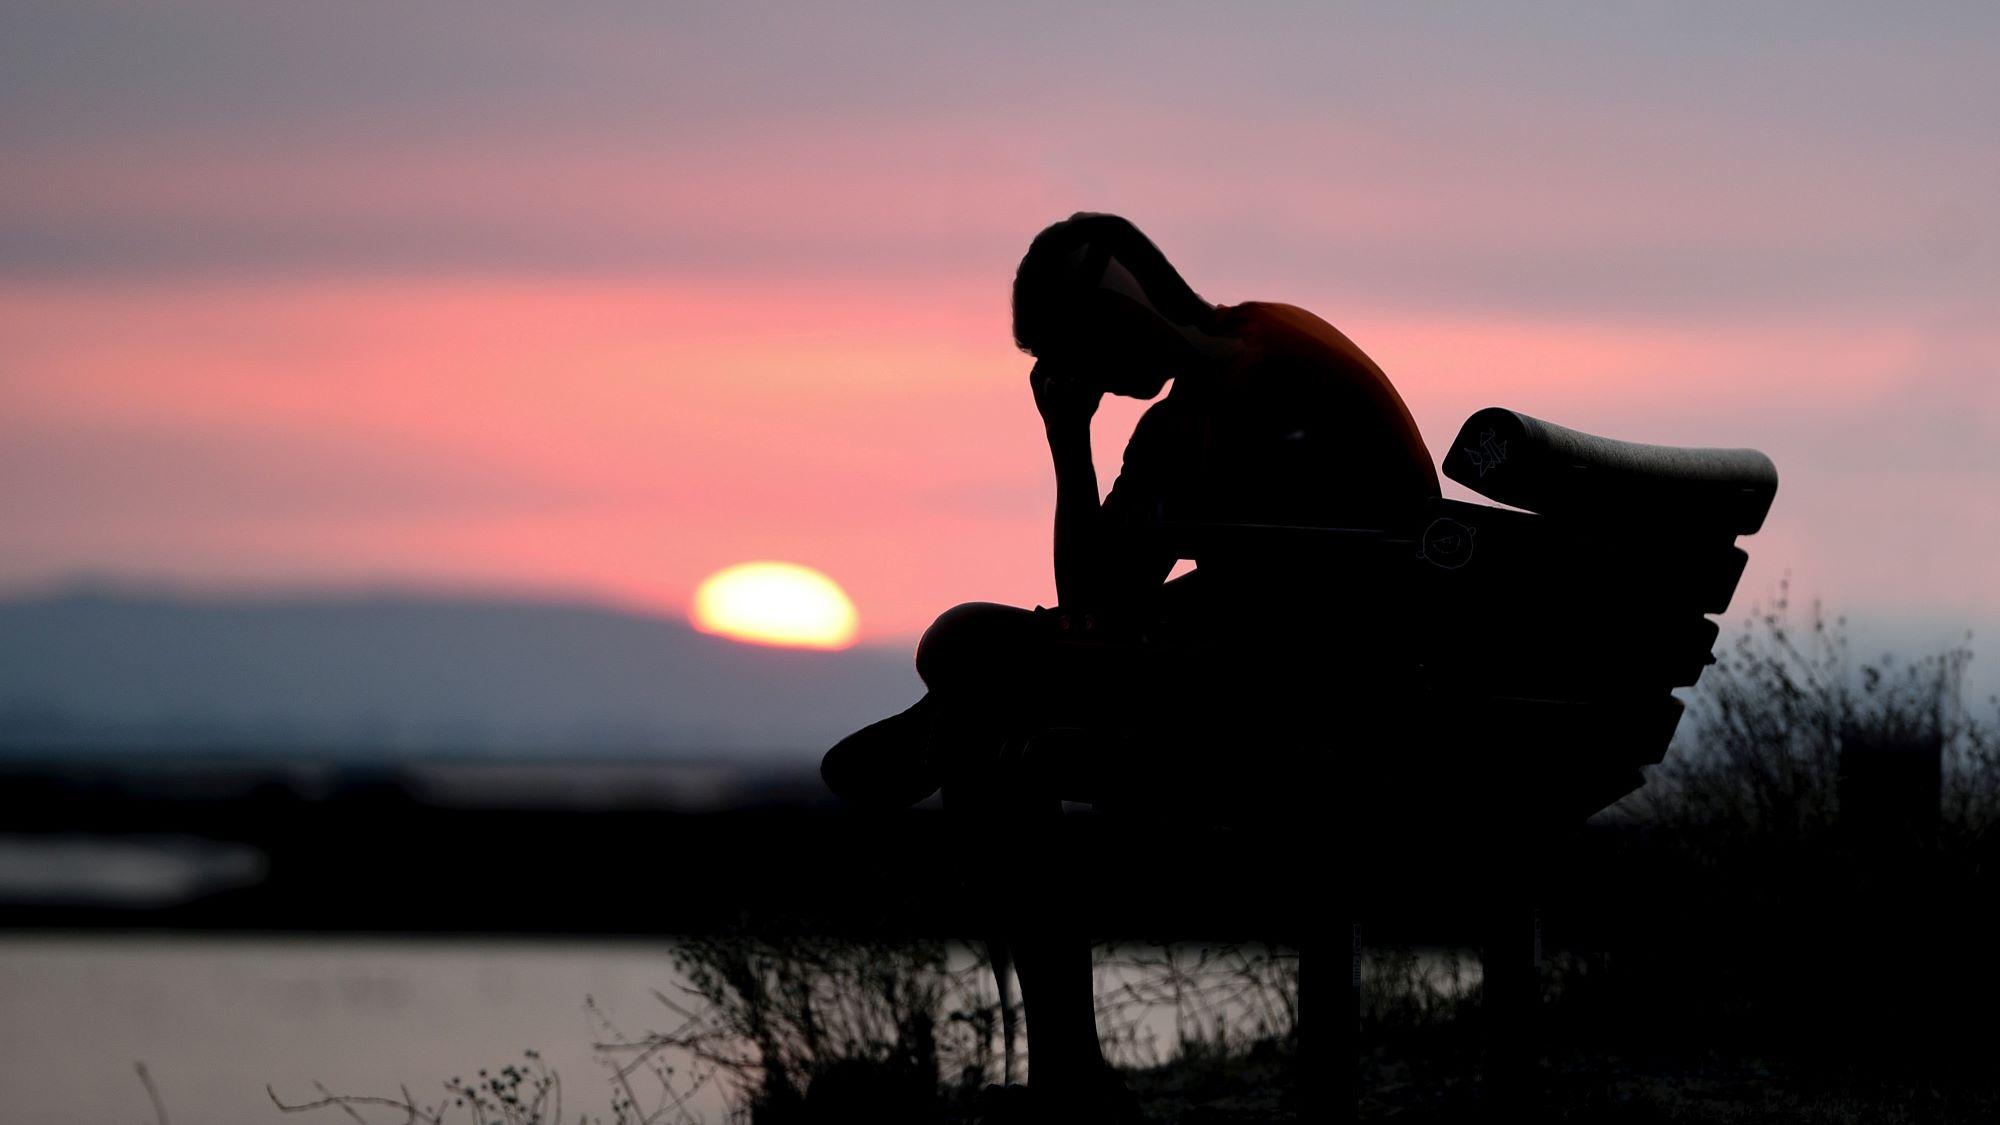 Mann sitzt auf einer Bank und hält sich den Kopf